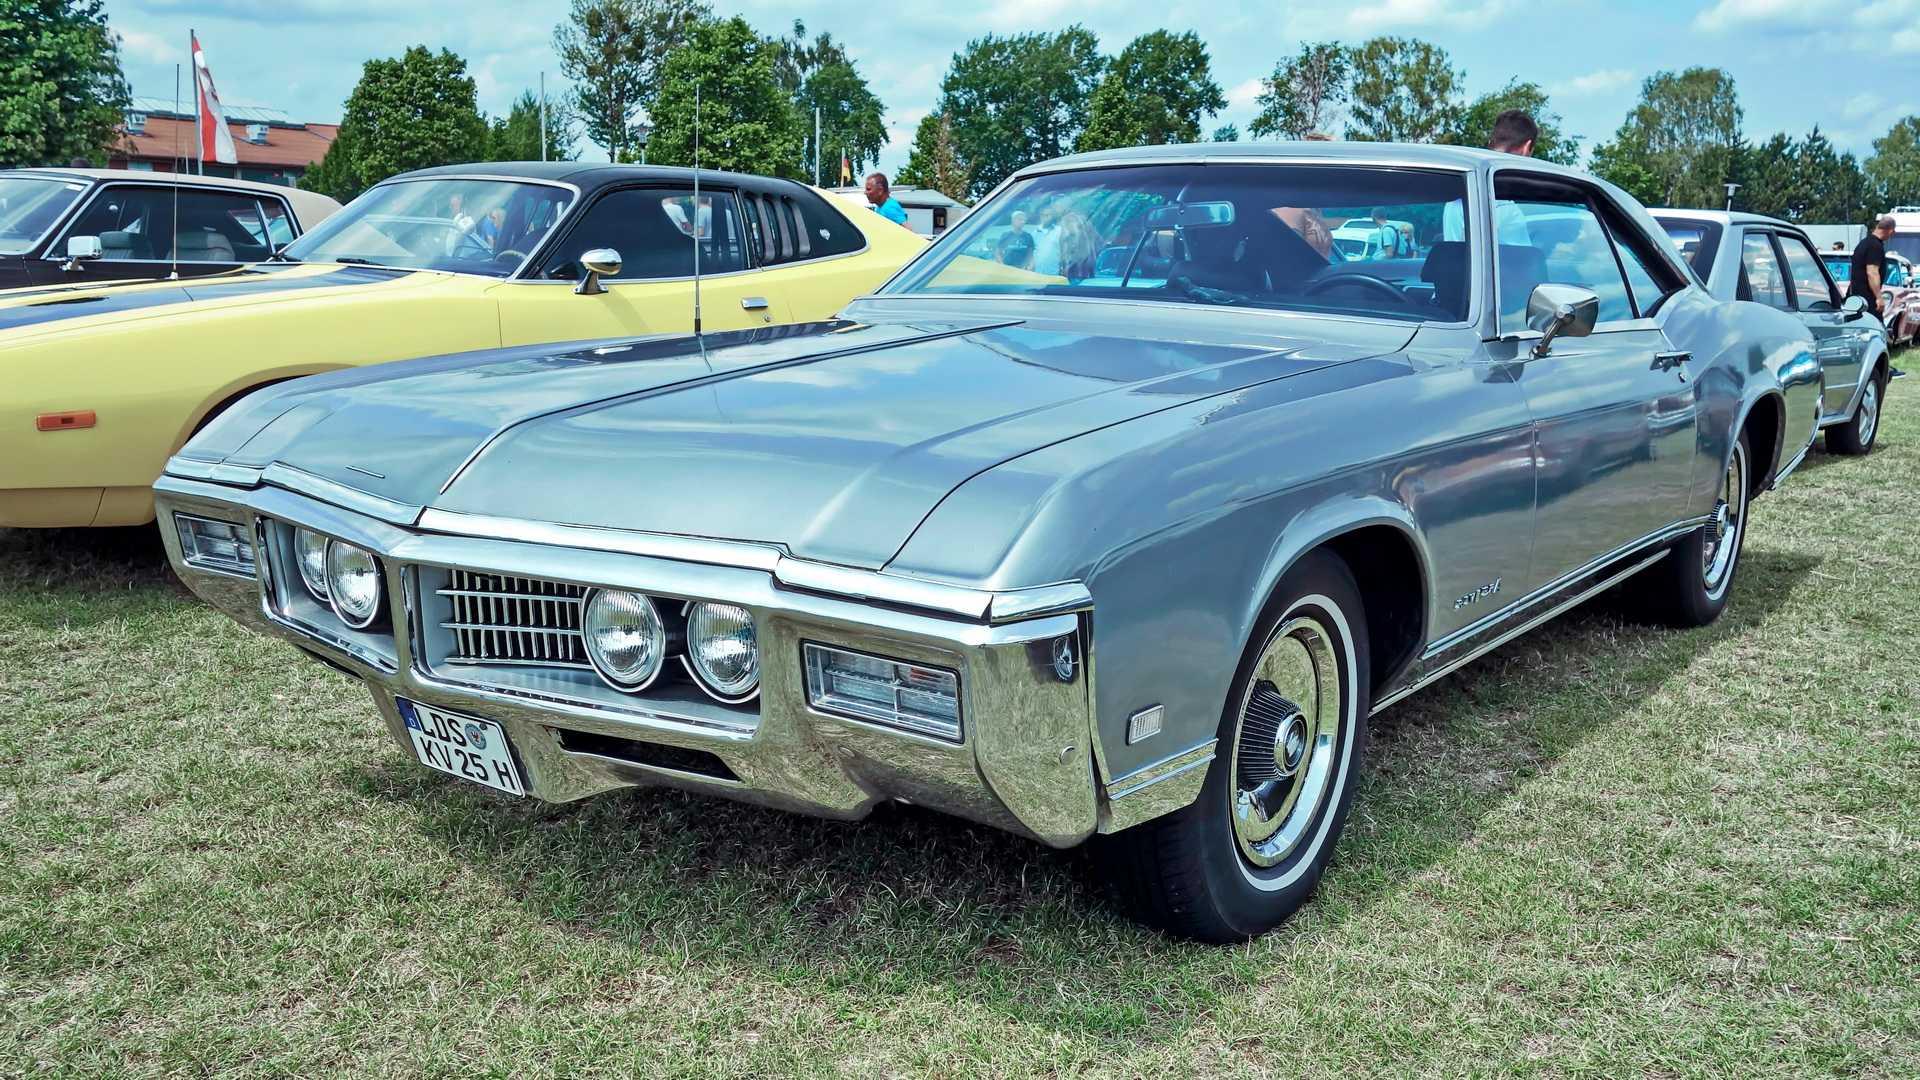 Buick rviera, поколения и модификации 1964 – 2013 года, характеристики, история создания, отзывы